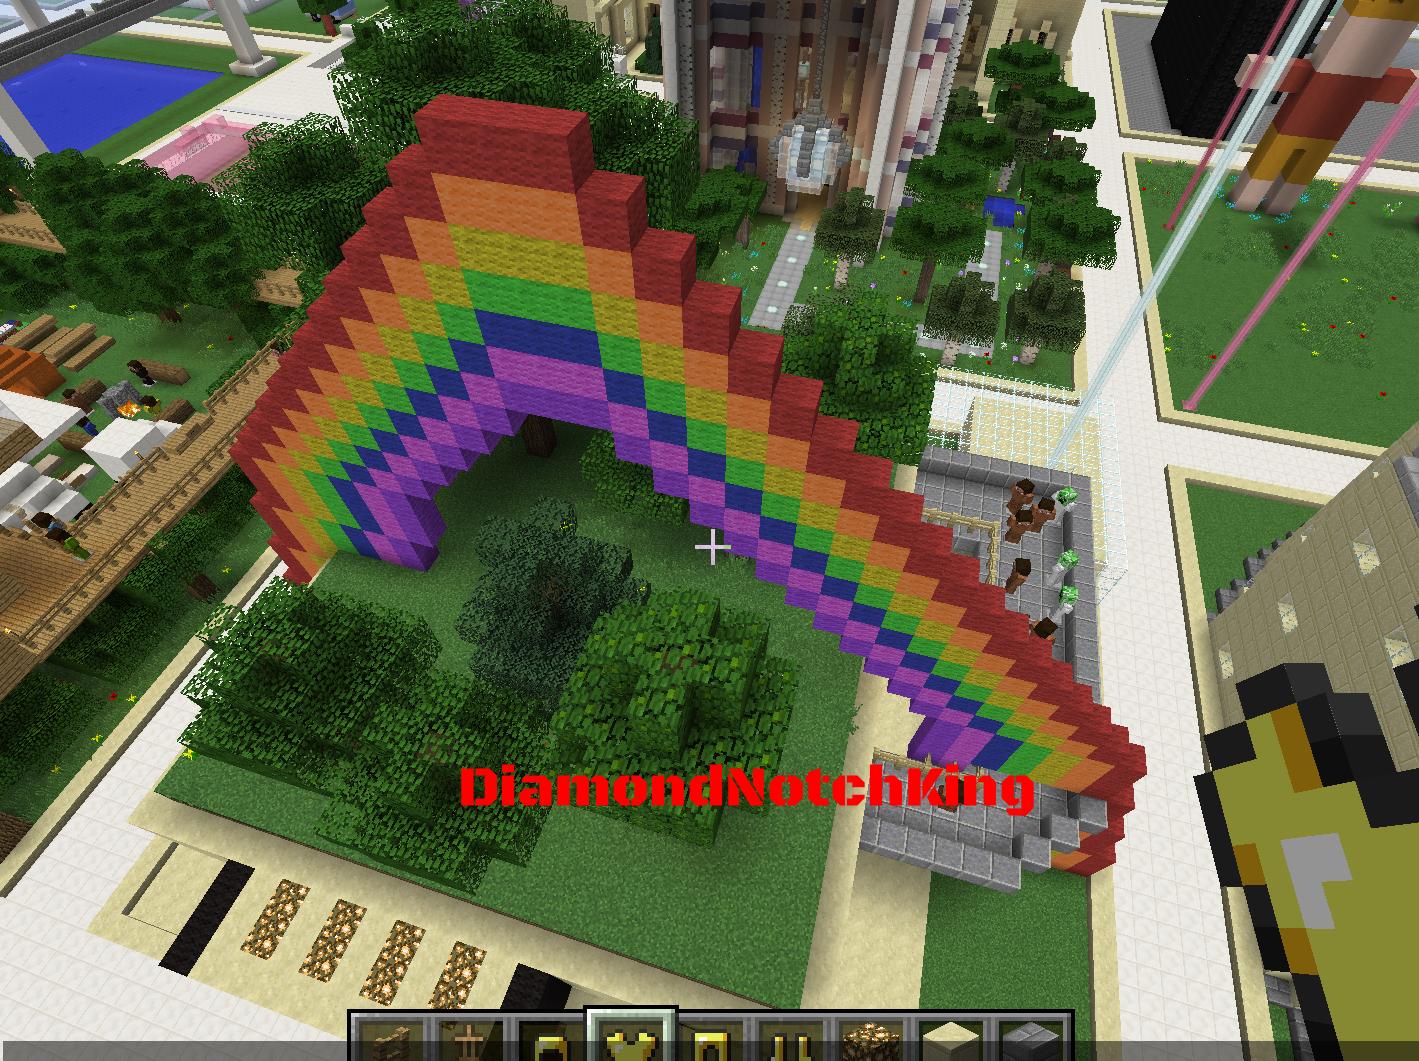 DiamondNotchKing